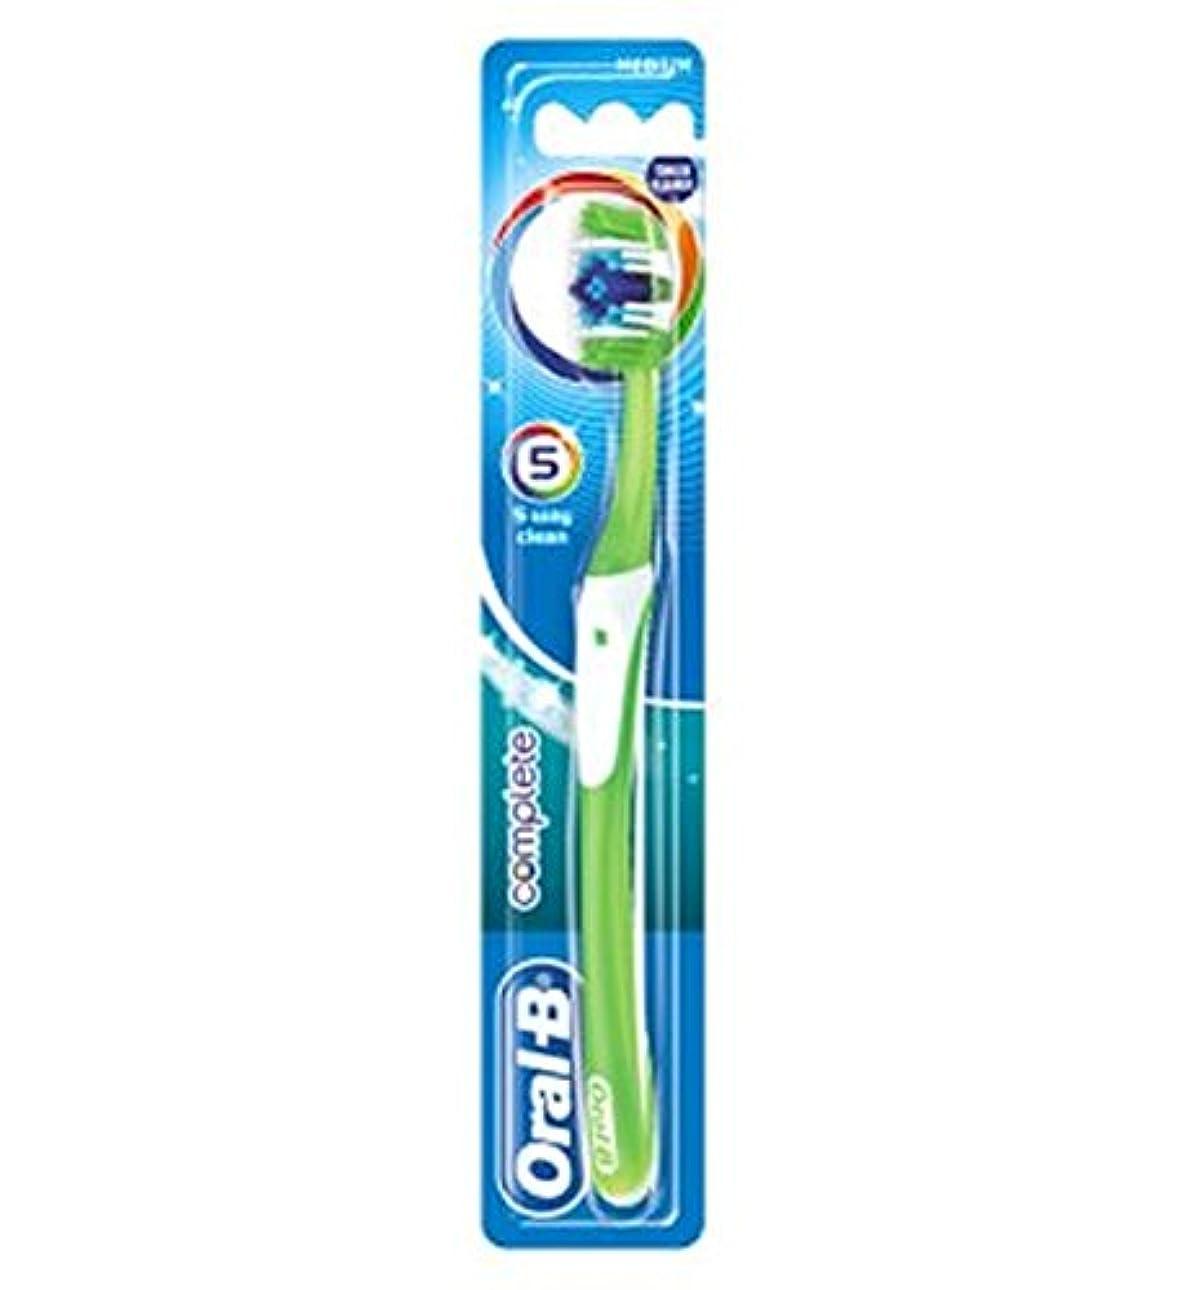 異常な趣味王族オーラルBの完全な5道クリーンなメディアの手動歯ブラシ (Oral B) (x2) - Oral-B Complete 5 Way Clean Medium Manual Toothbrush (Pack of 2) [...